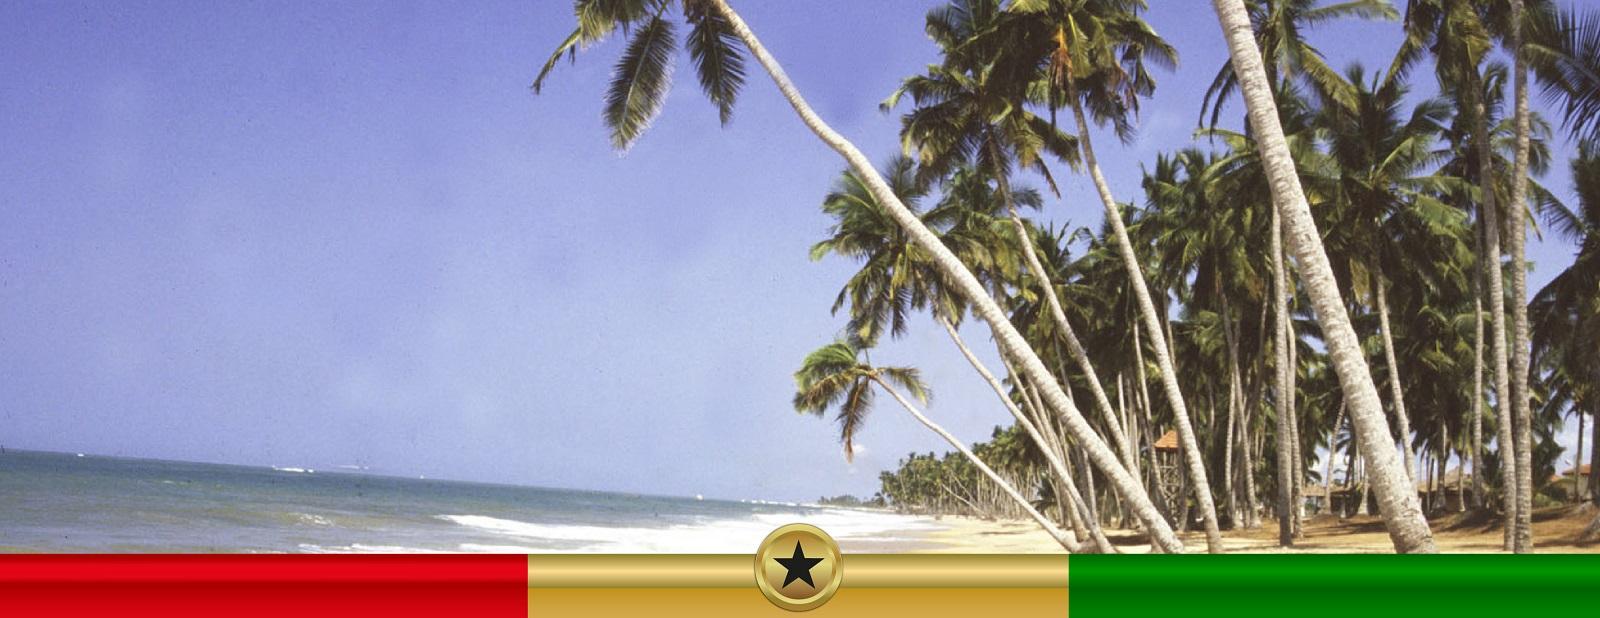 Ghana Embassy Italy